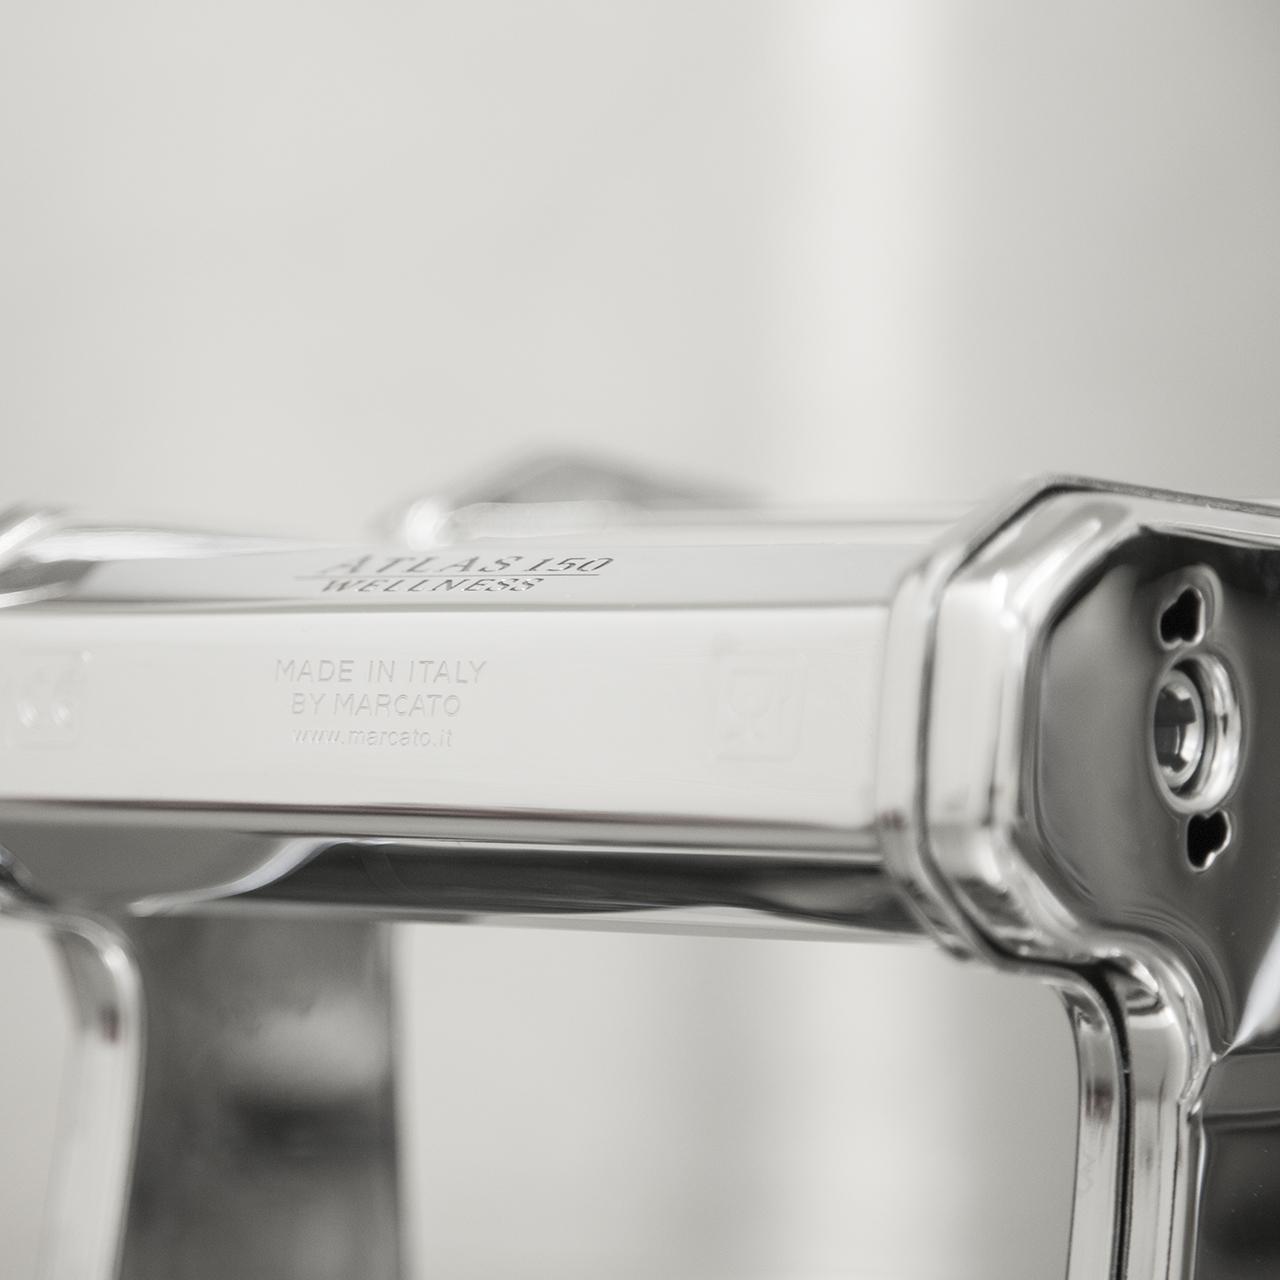 Nudelmaschine Atlas 150 Marcato